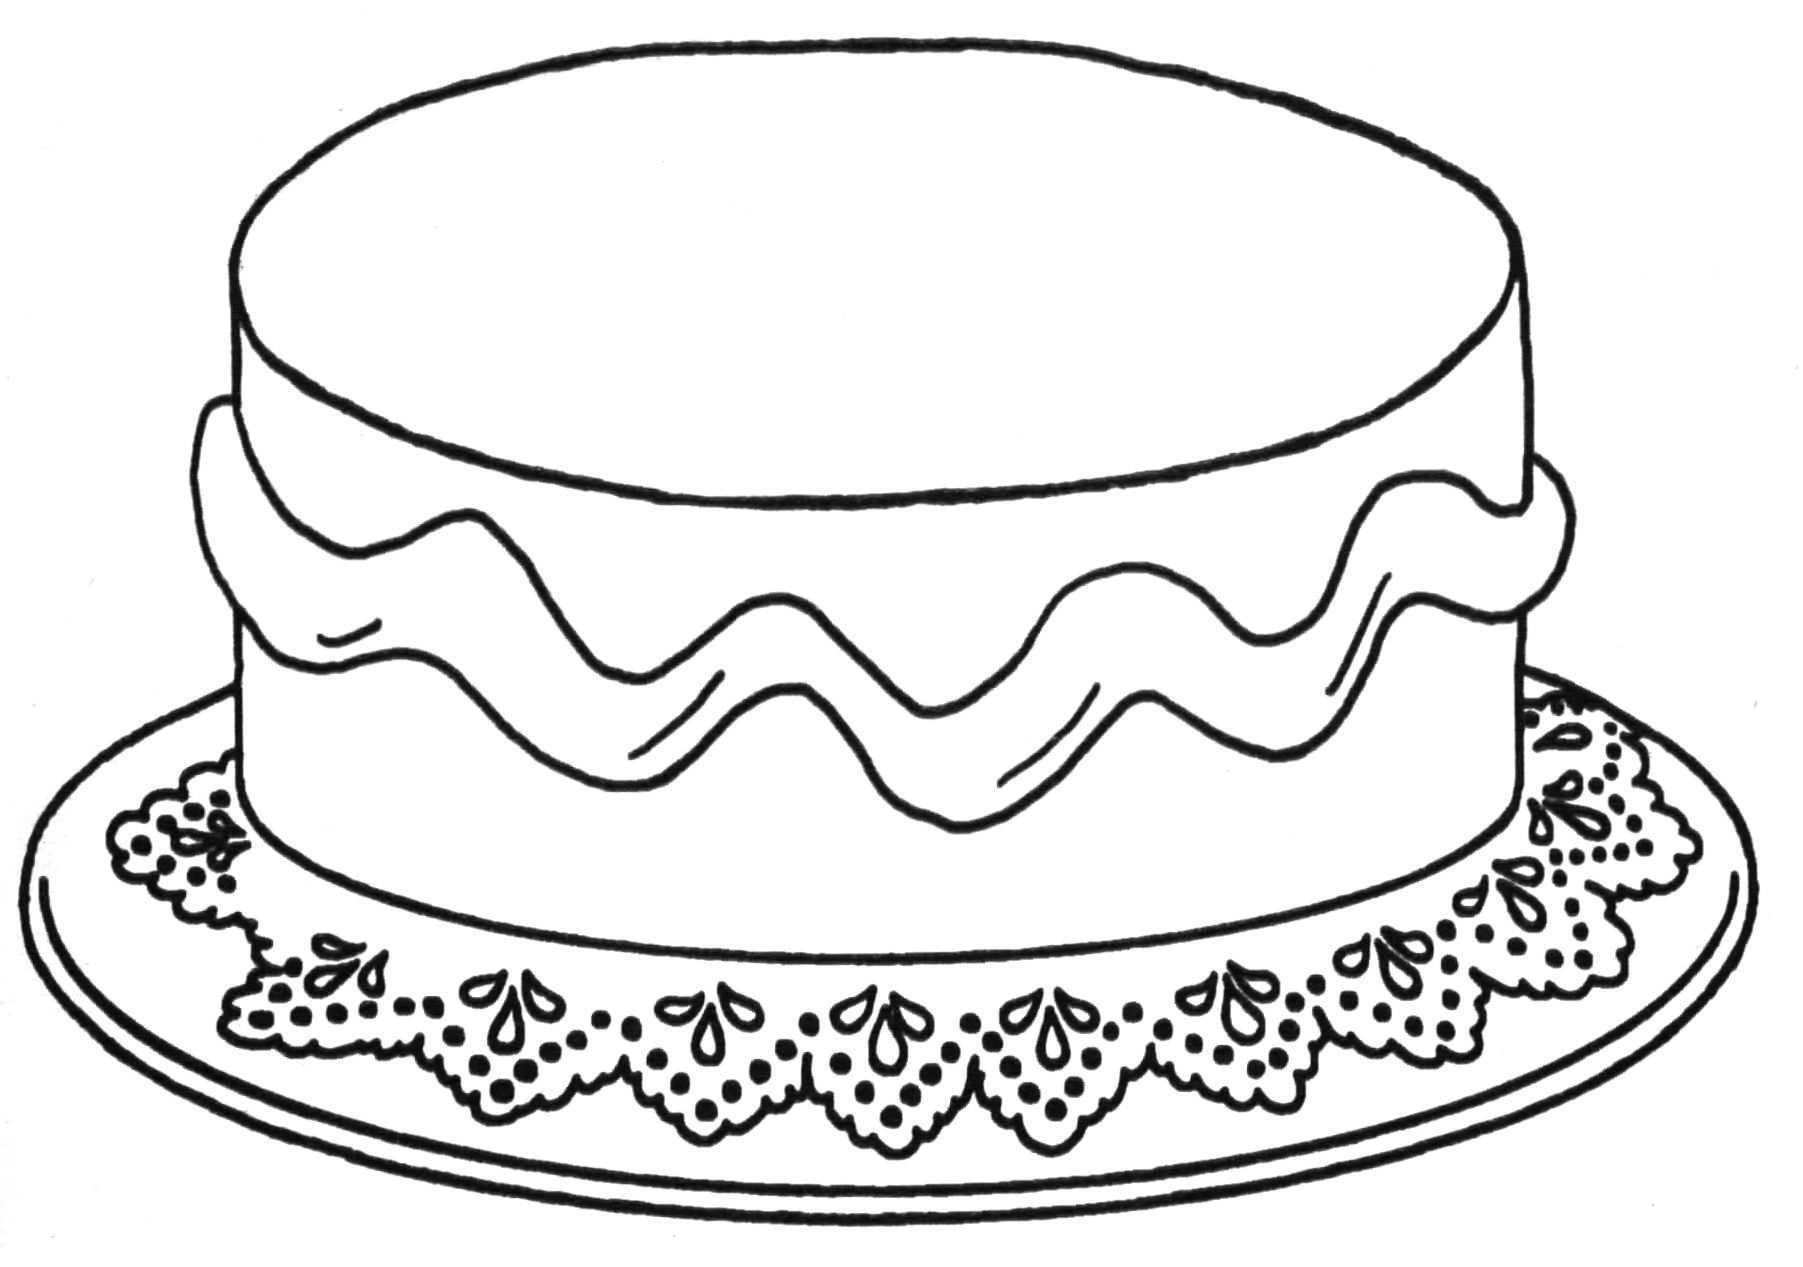 Kleurplaat Taart Jpg 1803 1267 Verjaardag Knutselen Voor Opa Verjaardagskalender Knutselen